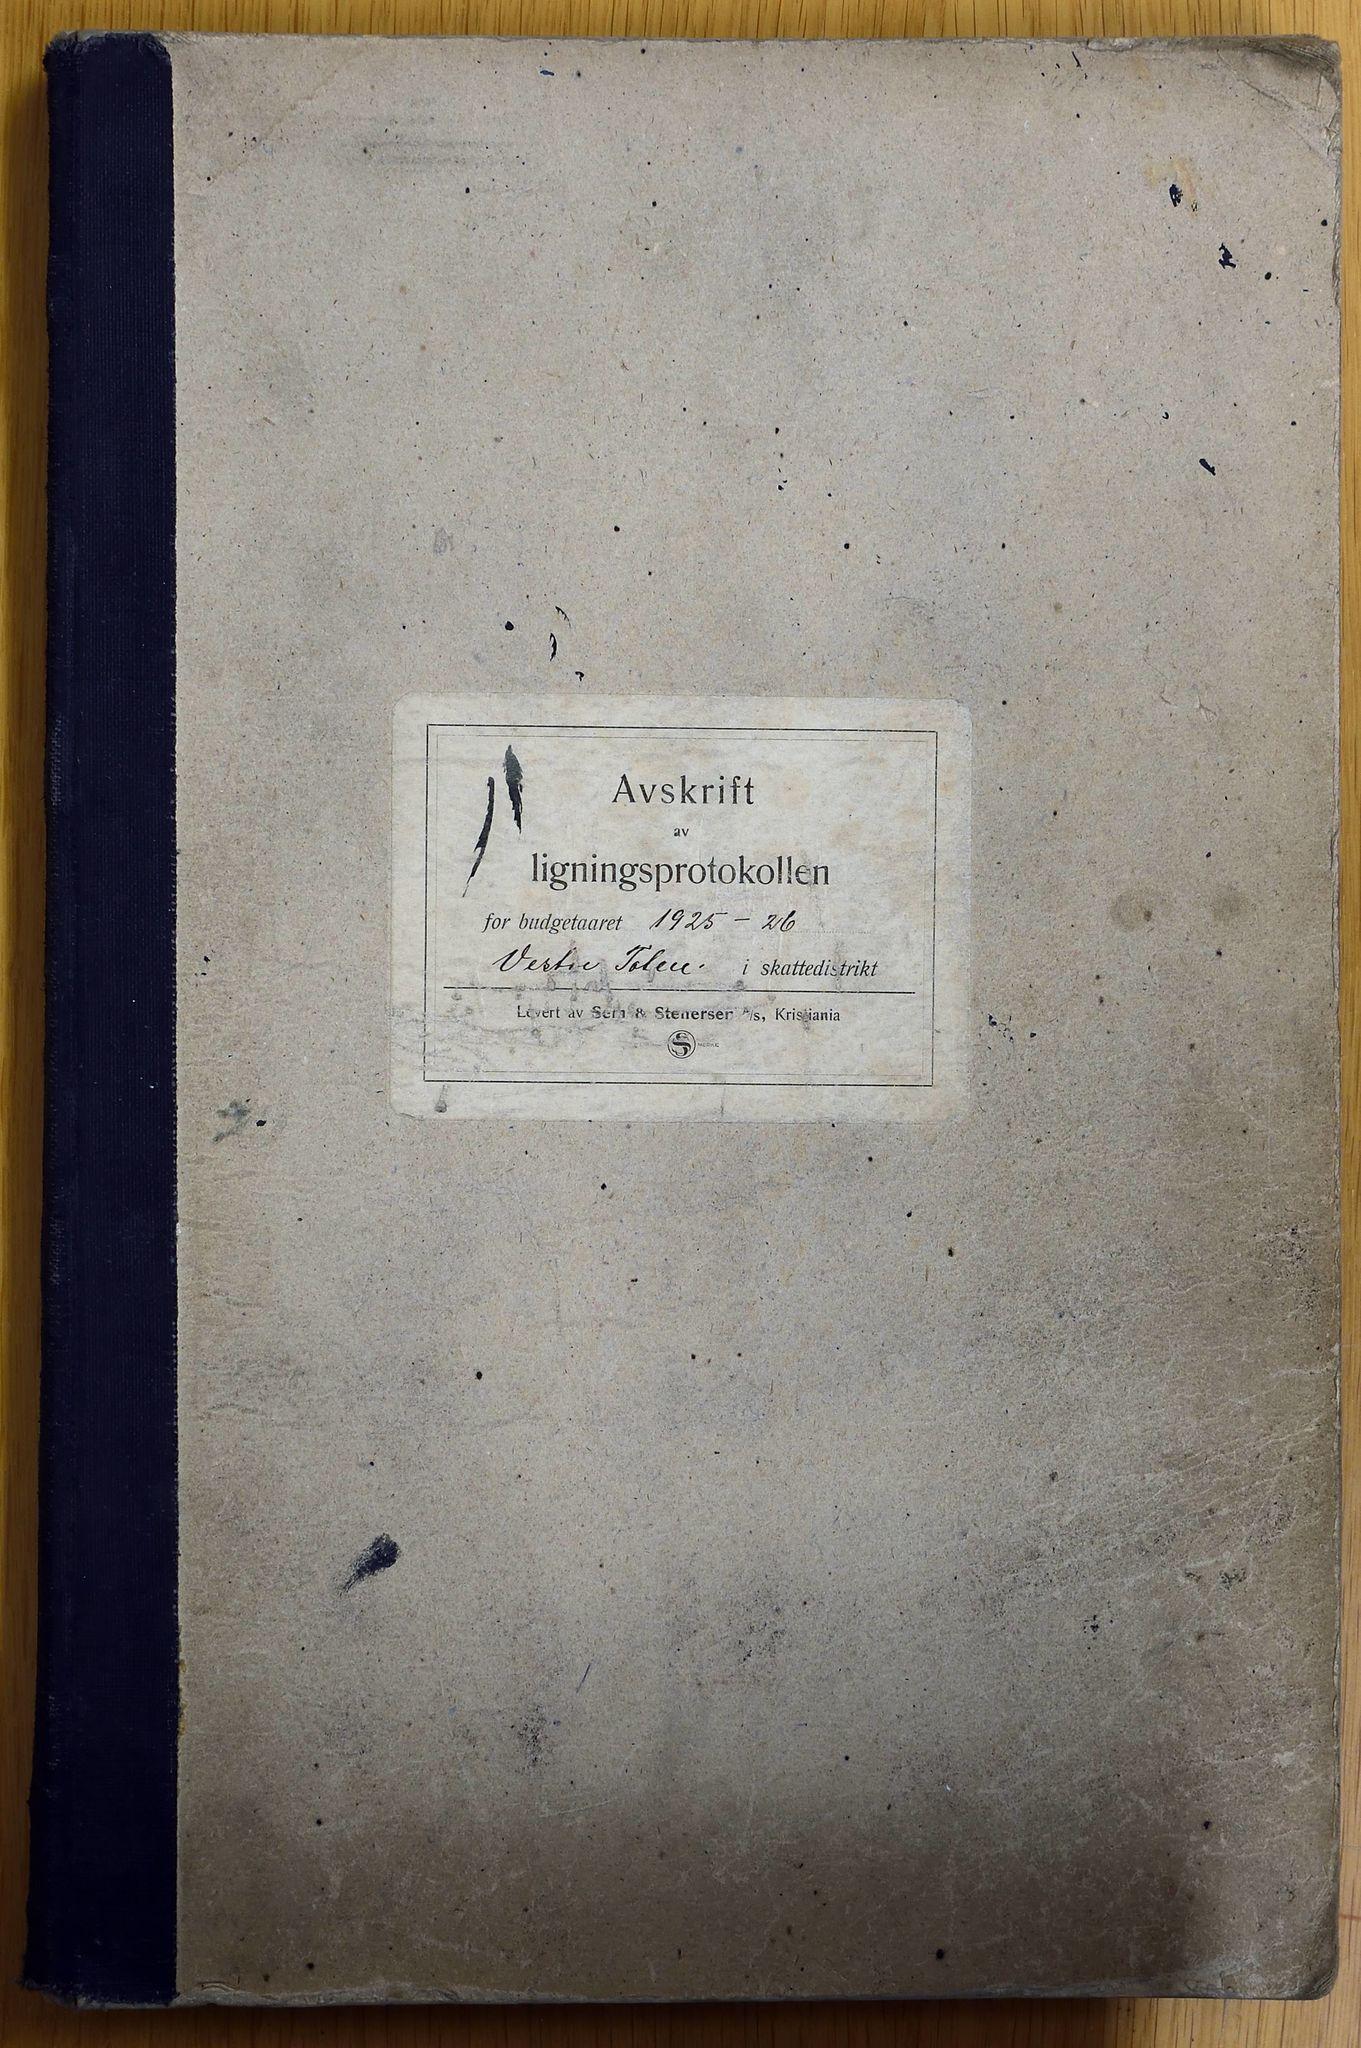 KVT, Vestre Toten kommunearkiv: Vestre Toten kommune, Avskrift av ligningsprotokollen for budsjettåret 1925-1926 i Vestre Toten skattedistrikt, 1925-1926